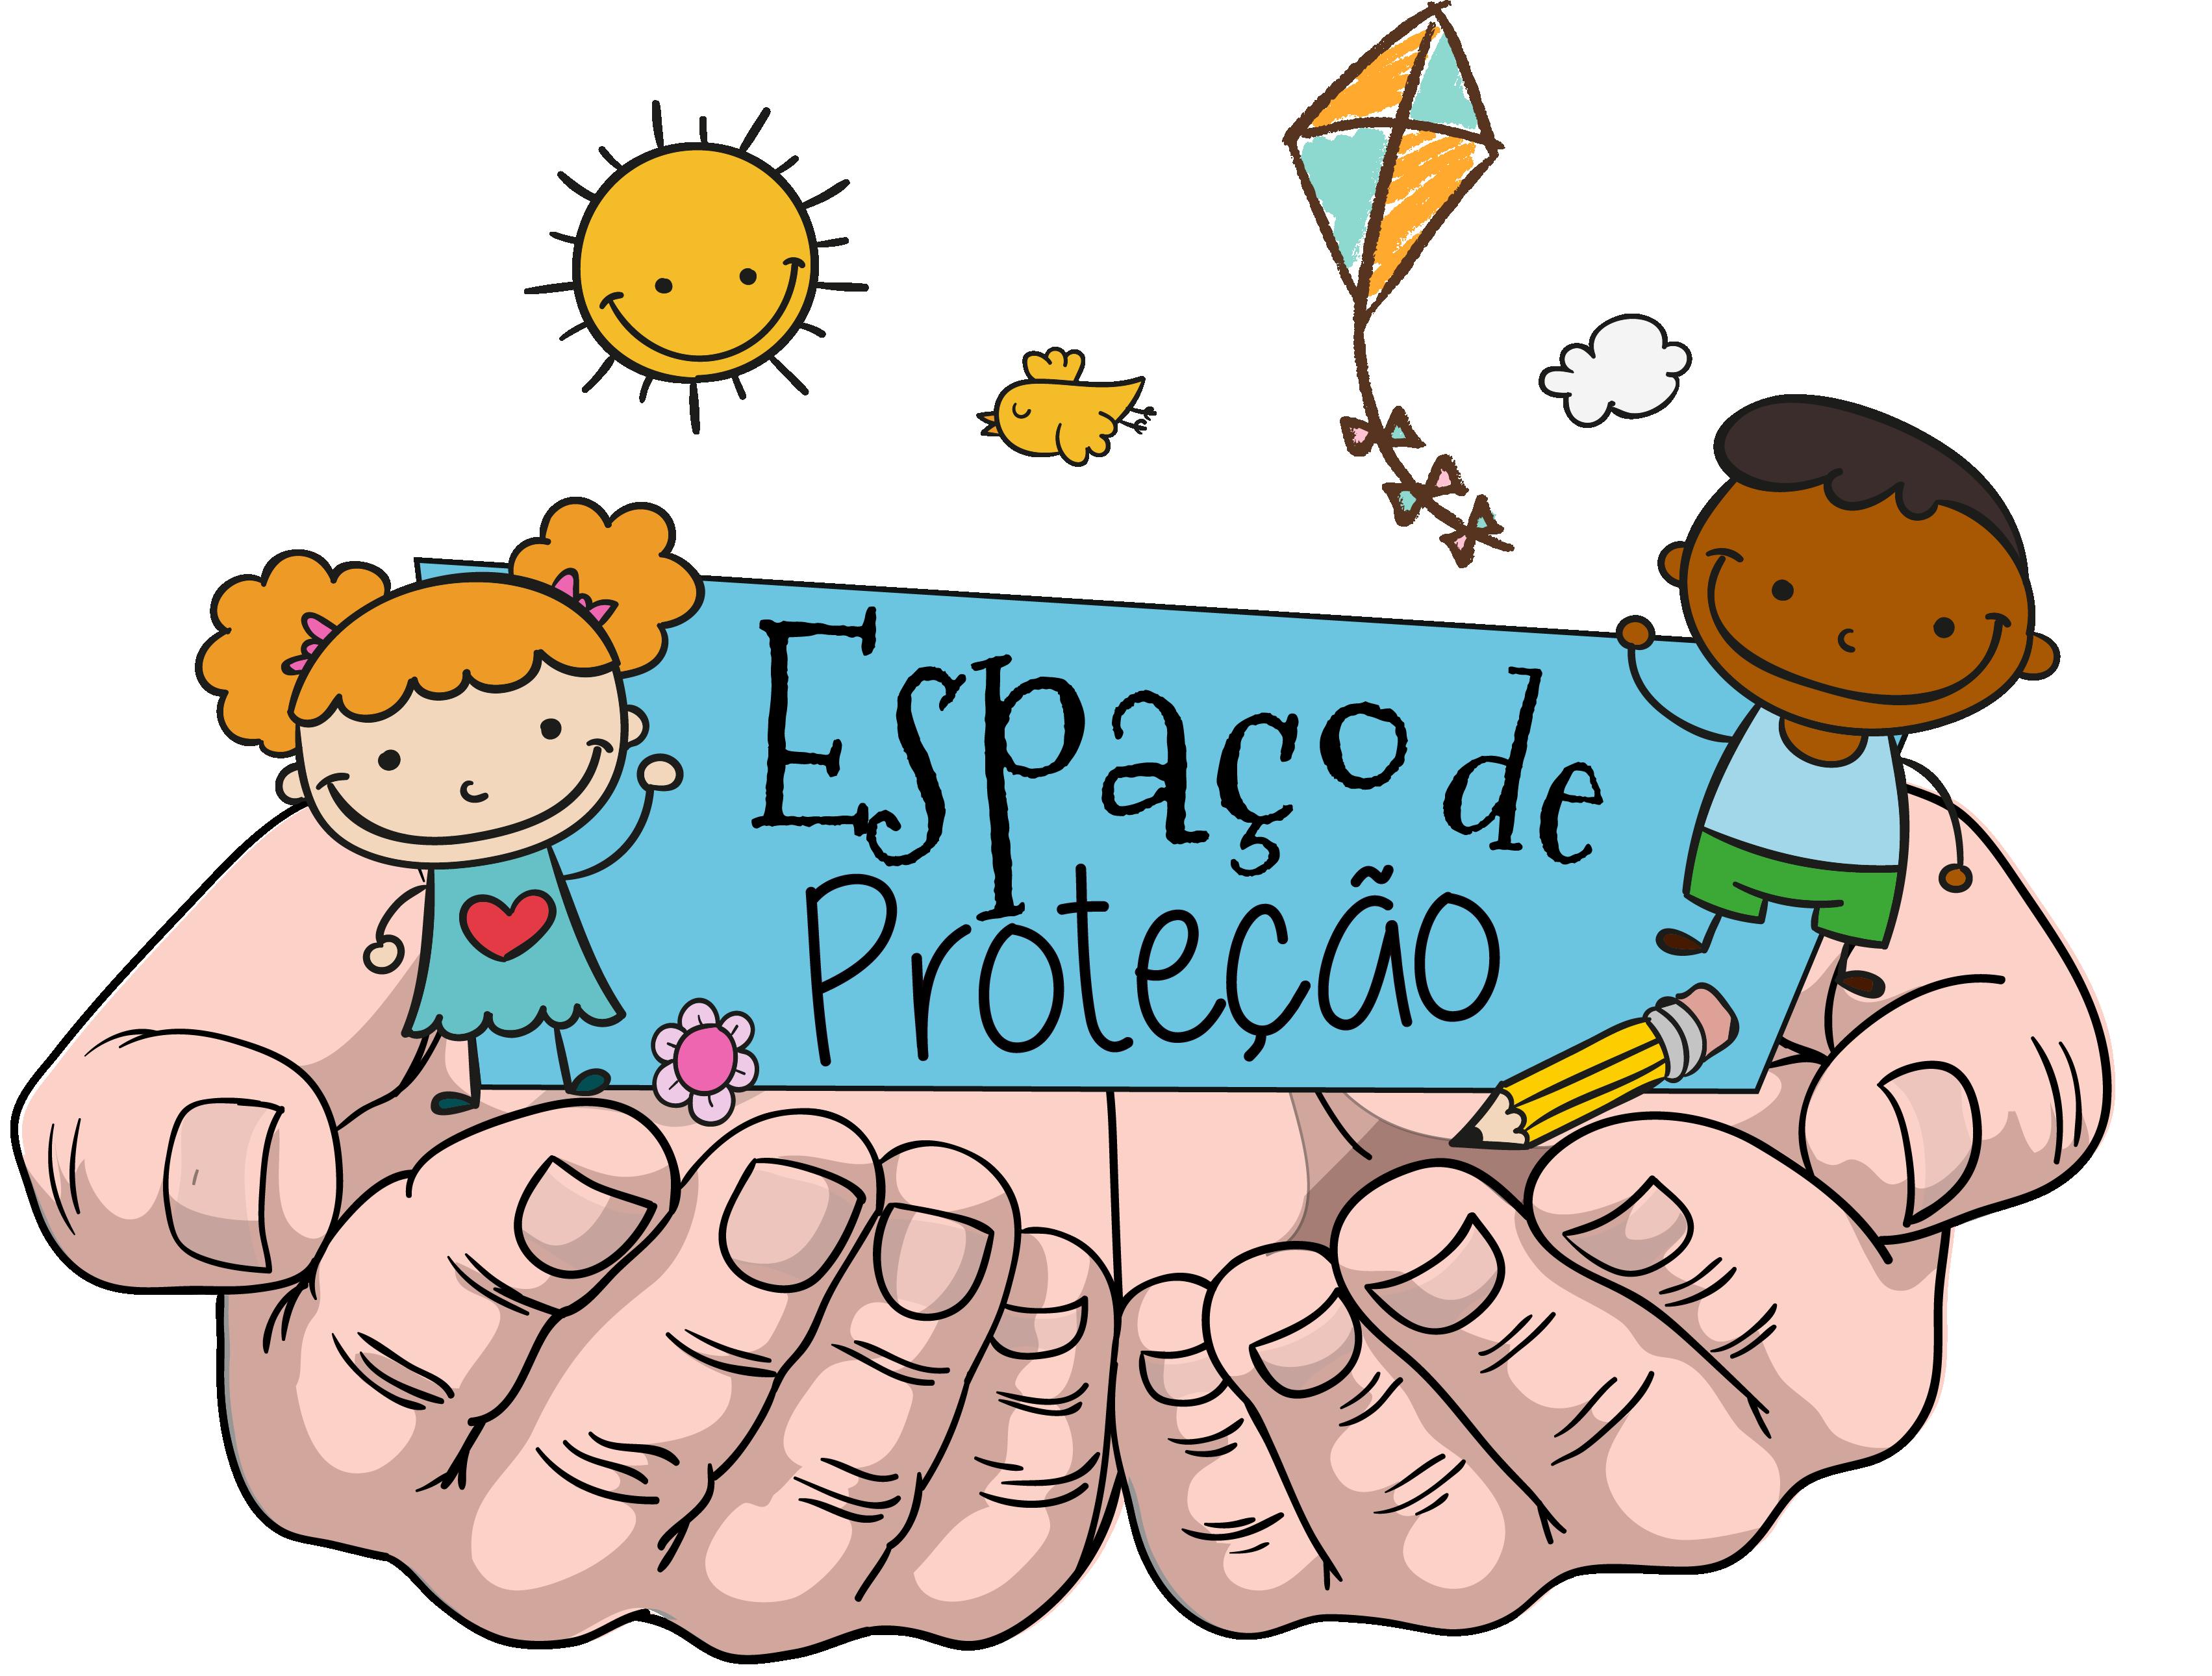 Espaço de Proteção